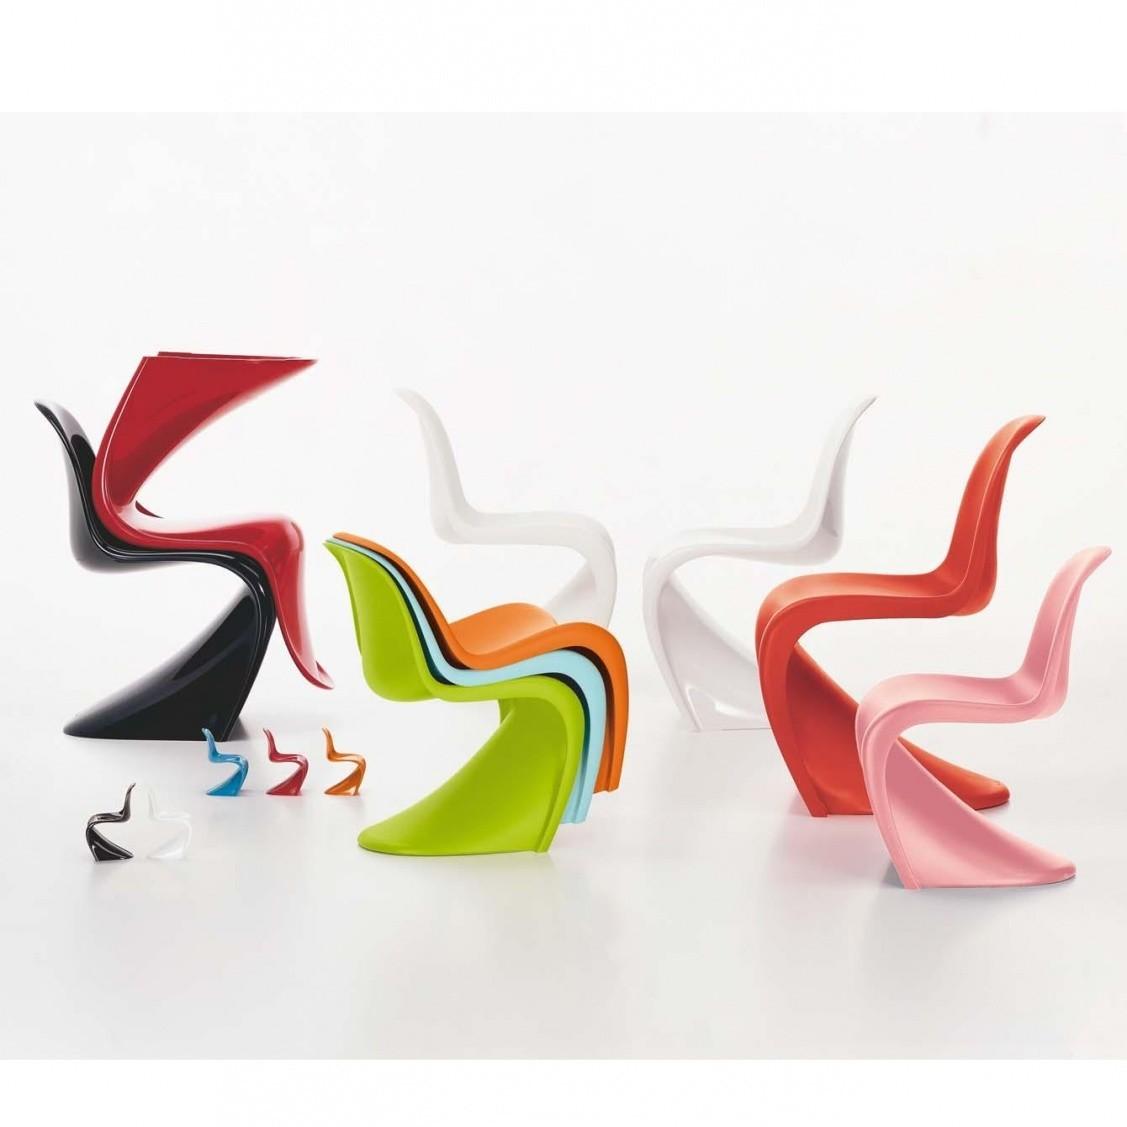 Vitra_Panton-Chair_1127x1127-ID90116-85ded1e8bfec34f05643e3973ca0a745.jpg